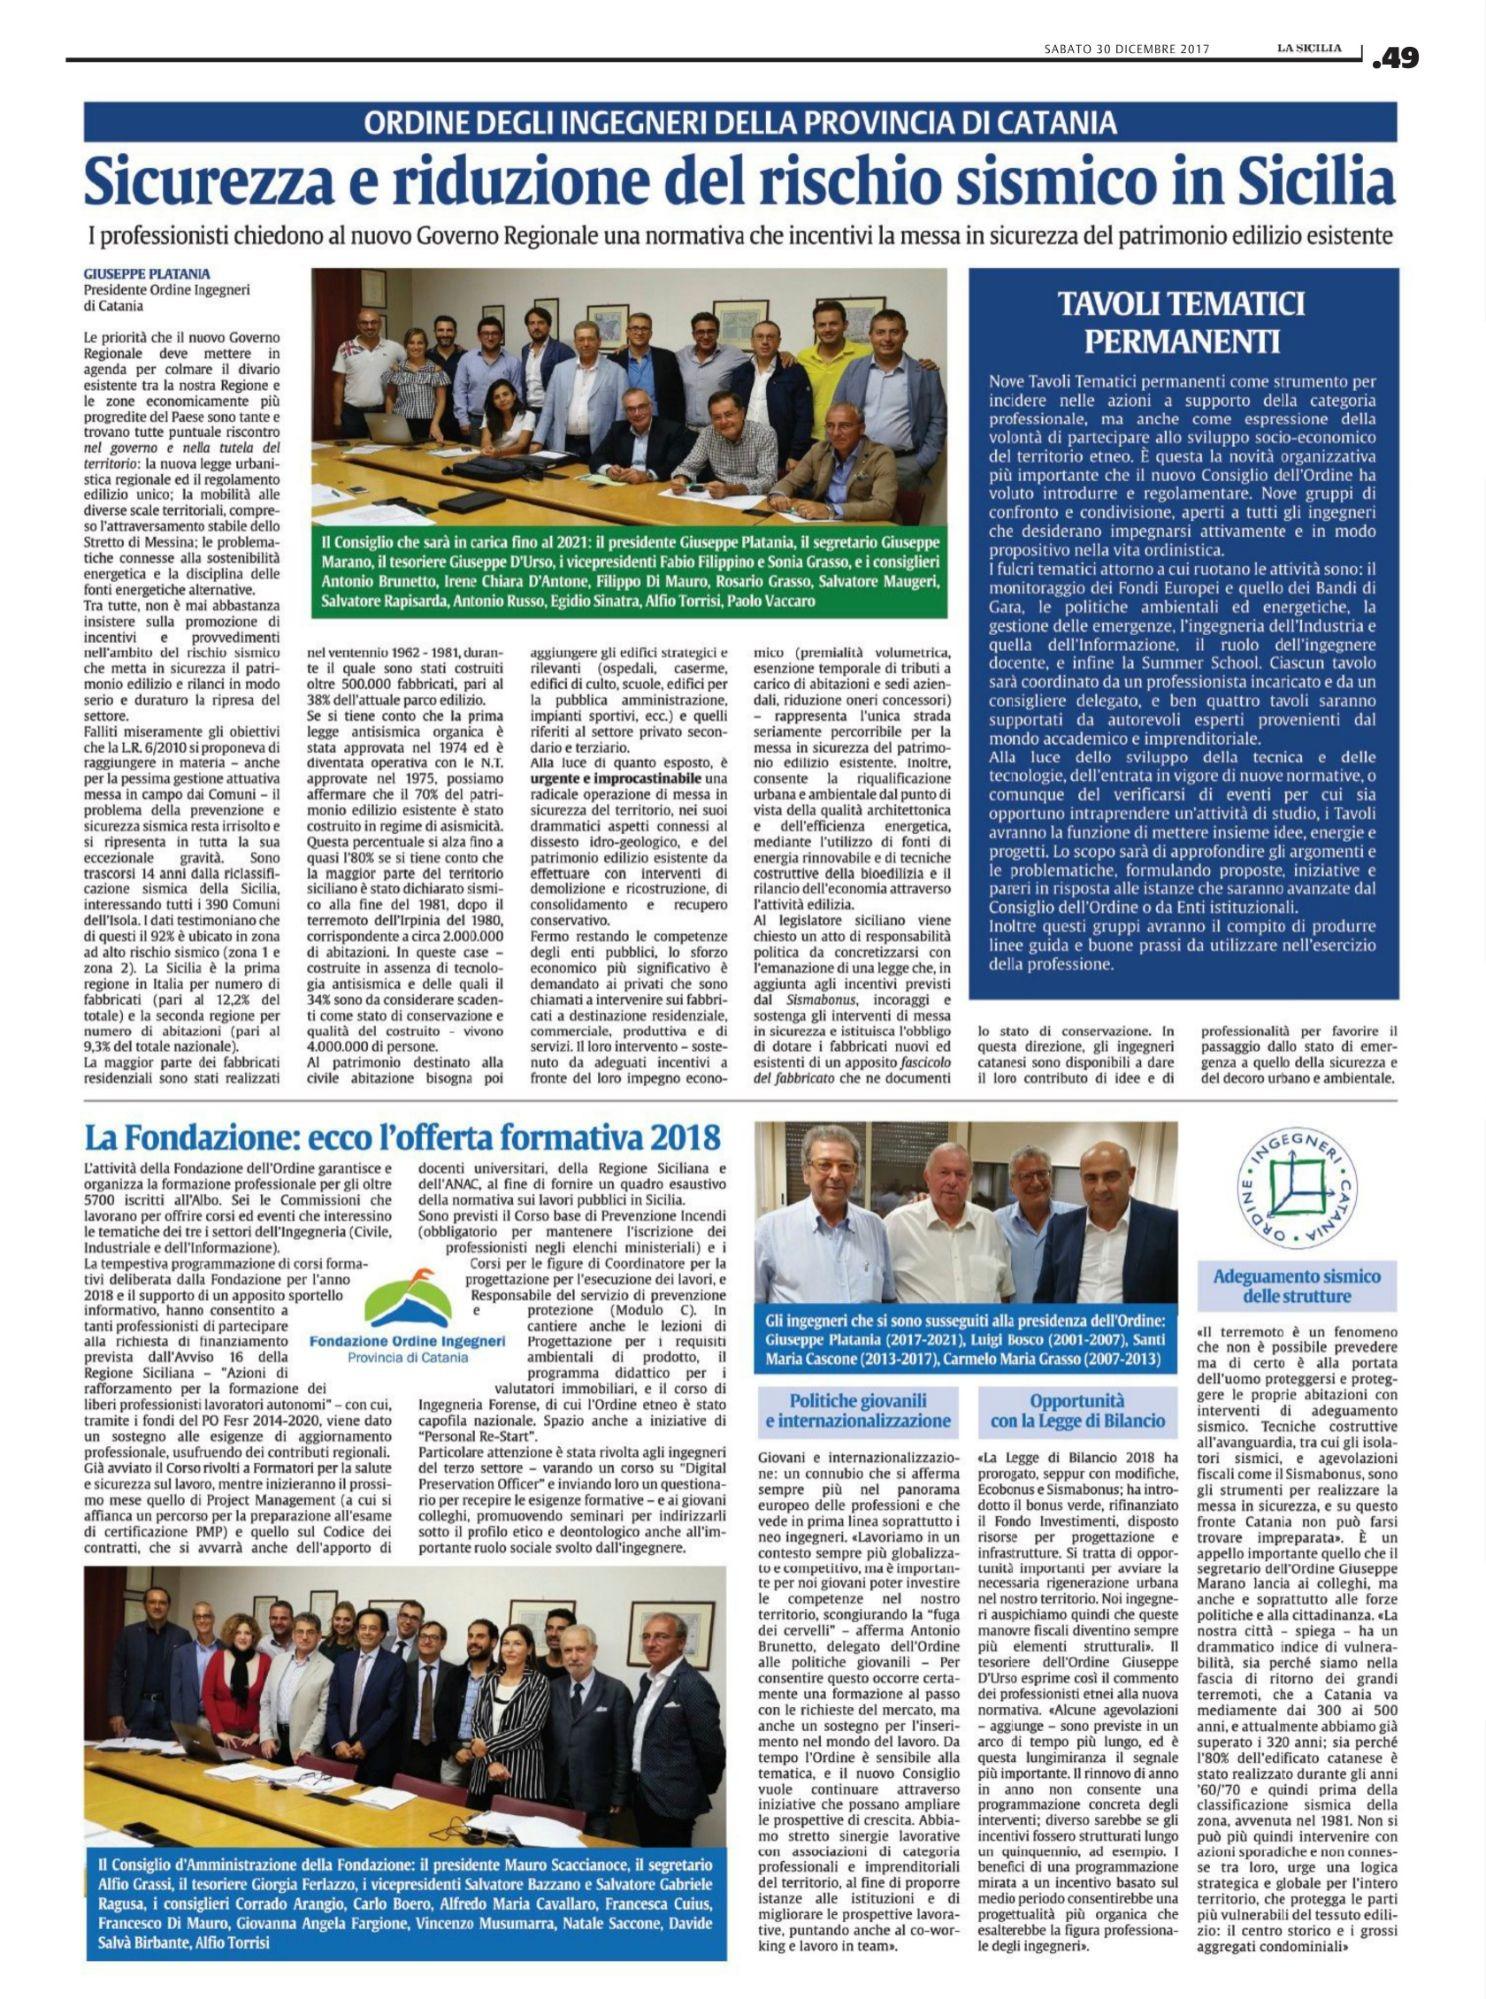 Sicurezza e riduzione dei rischio sismico in Sicilia